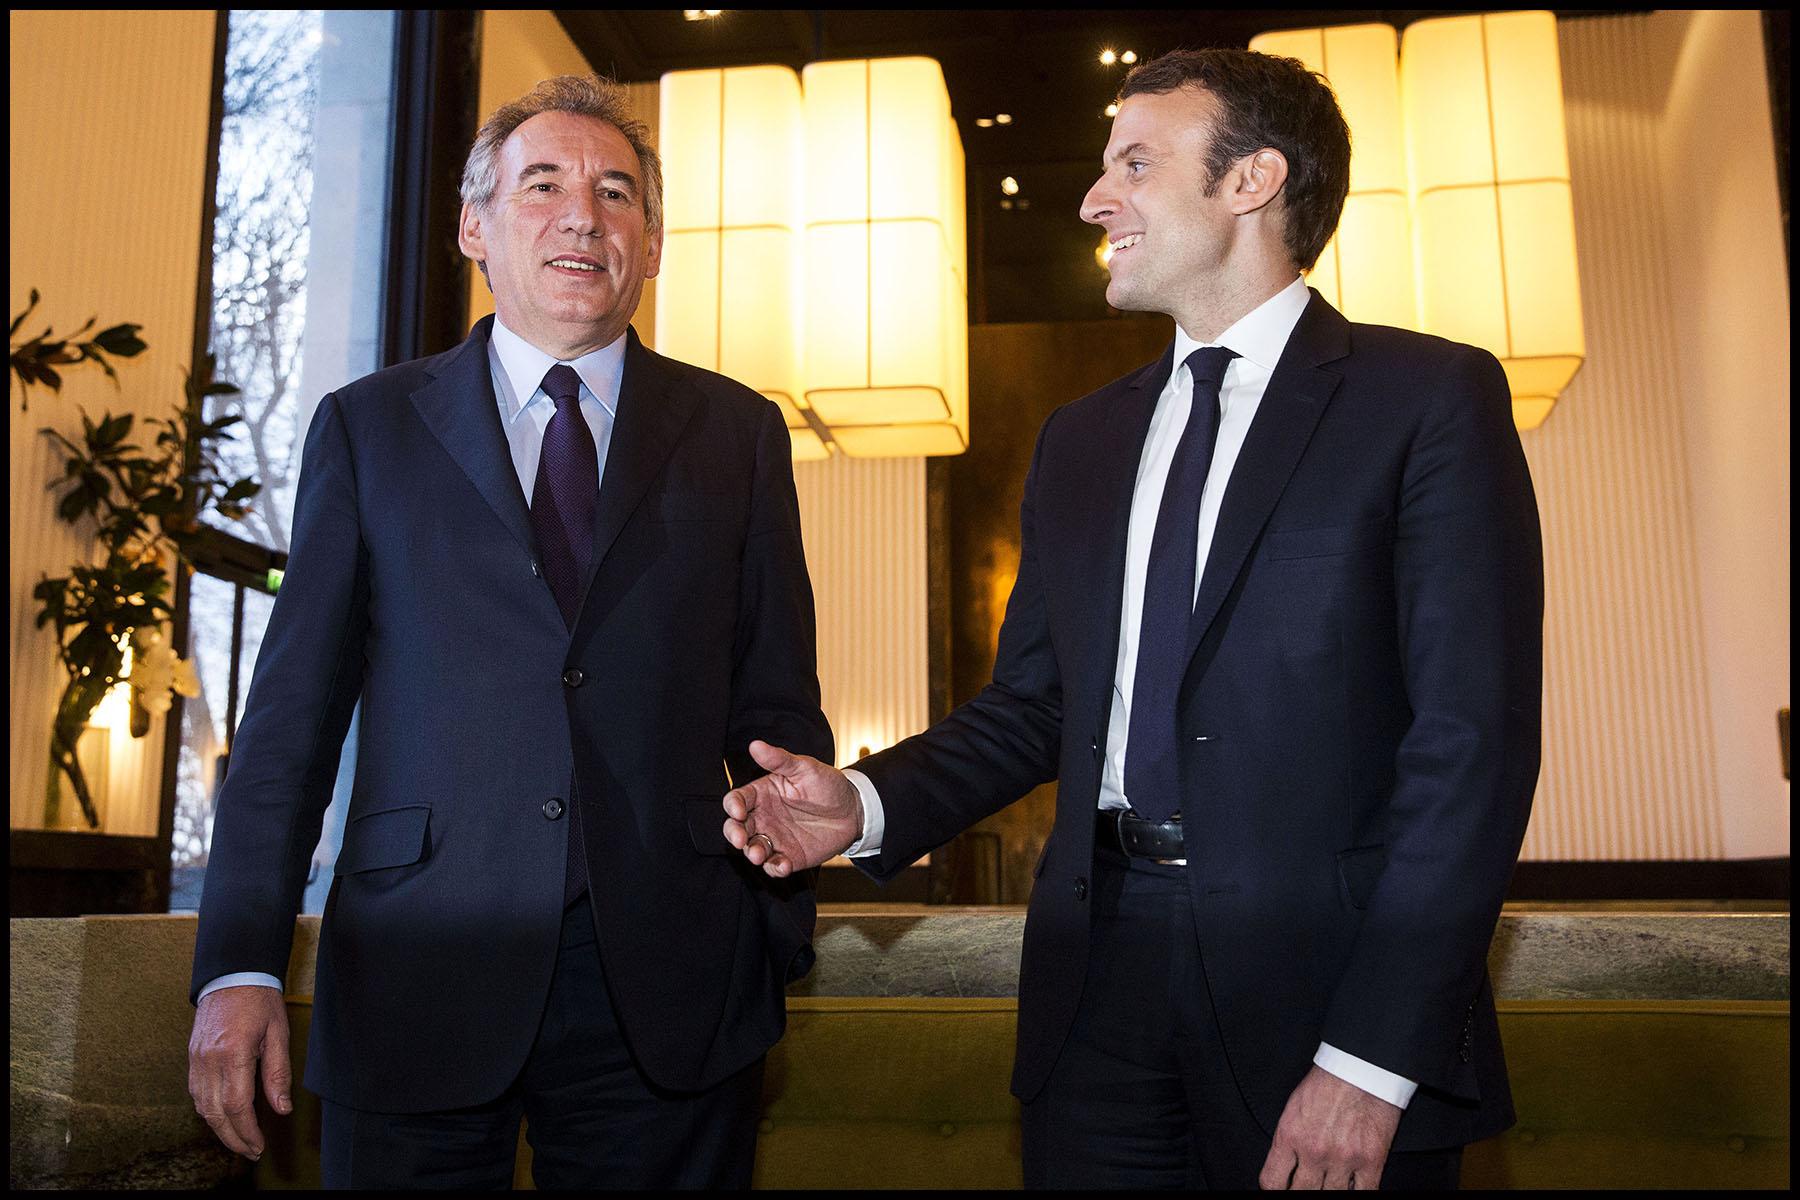 François Bayrou président du MODEM et Emmanuel MACRON leader du mouvement En Marche! tiennent une conférence de presse après un entretien pour sceller leur alliance pour les élections présidentielles de 2017.